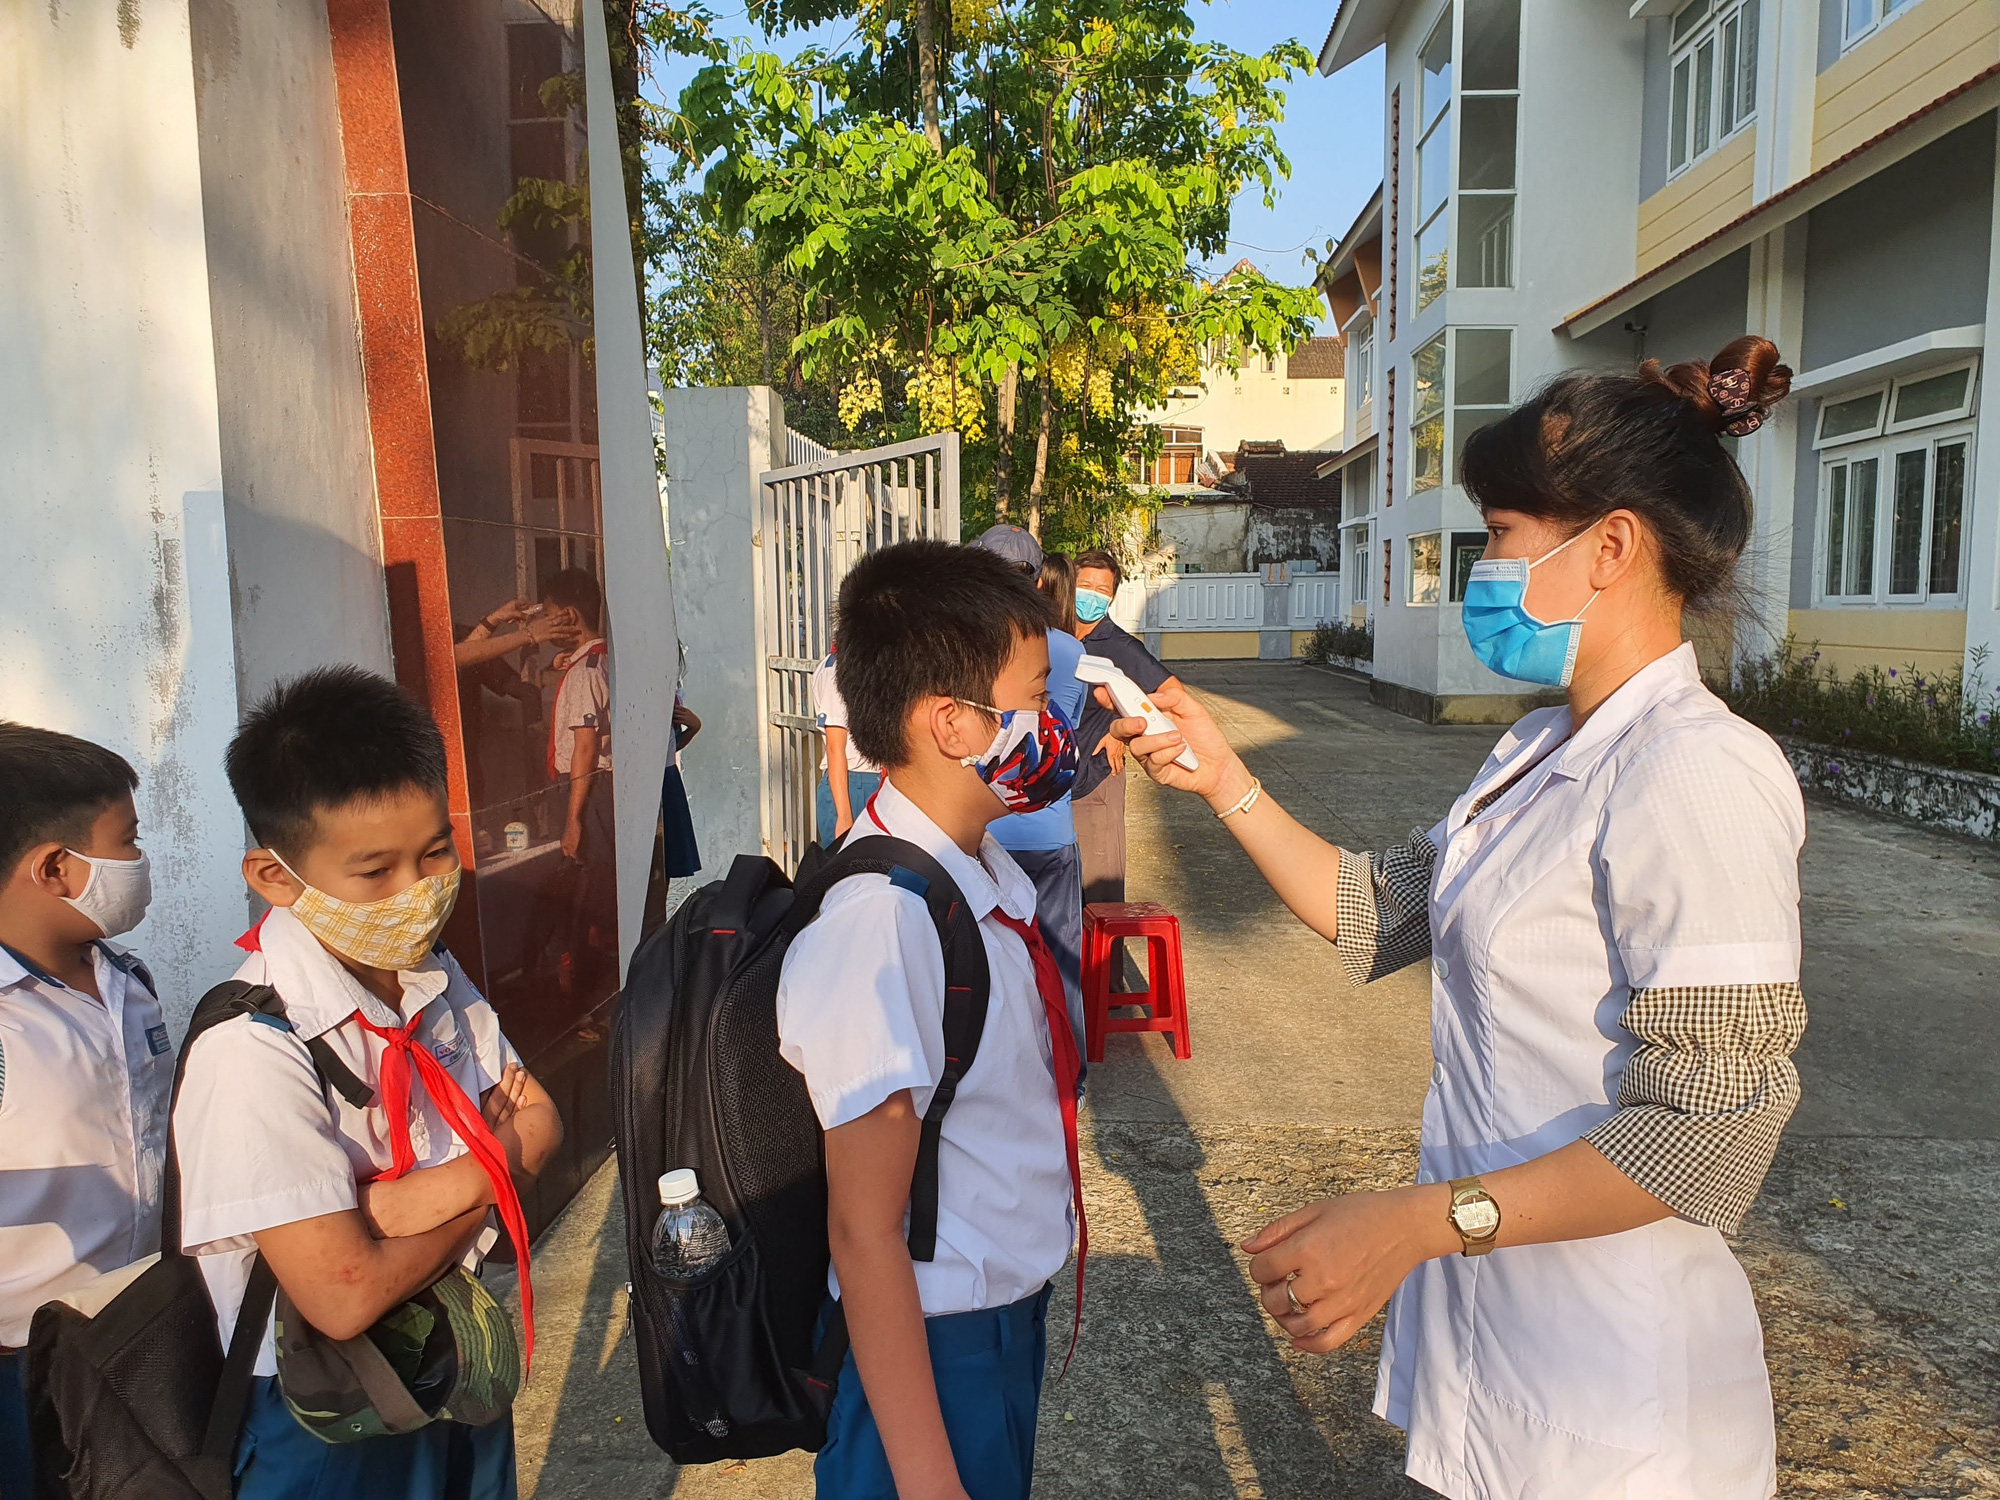 Quảng Nam: Ngày đầu đi học lại, trường khẩn trương khử trùng, học sinh được đo thân nhiệt trước khi vào lớp - Ảnh 1.